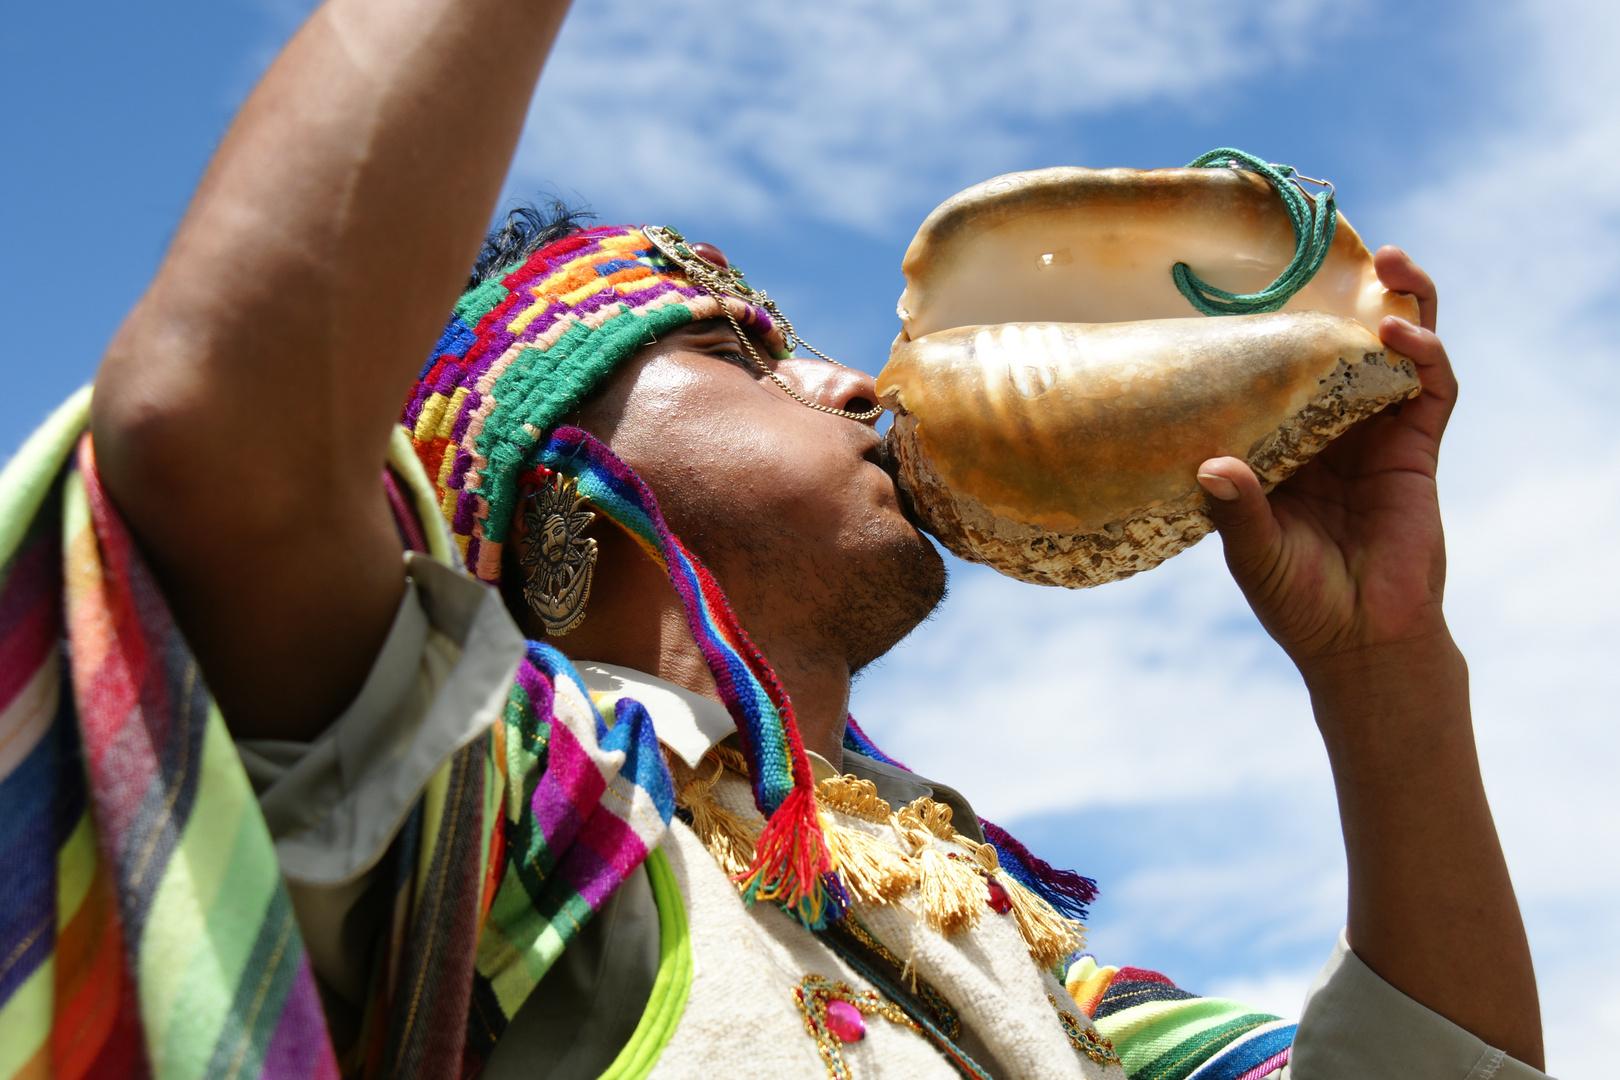 chaman tocando el pututo,como parte de una ceremonia espiritual andin-oancestral